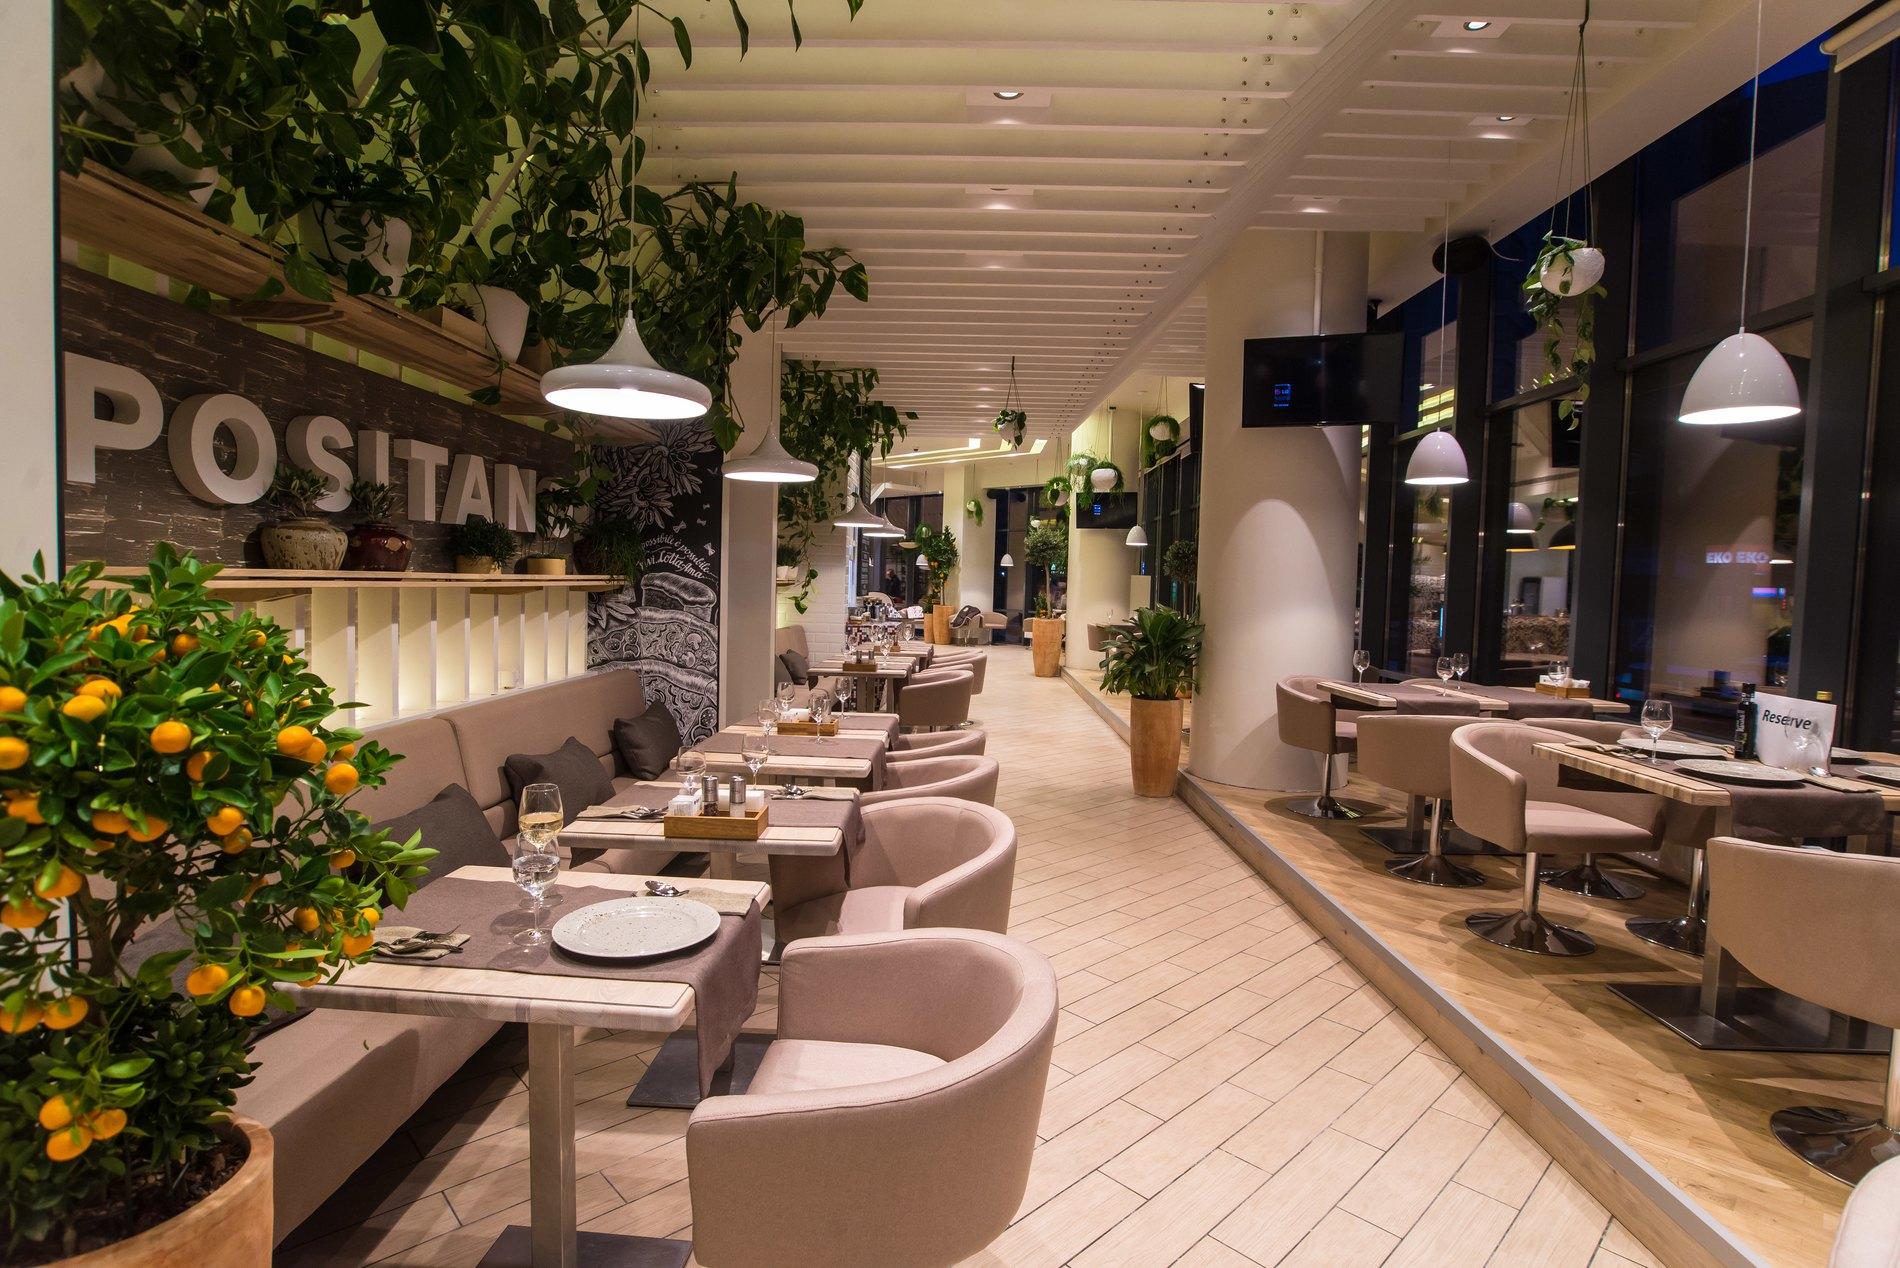 Український ресторан потрапив до списку 50 найкращих піцерій Європи